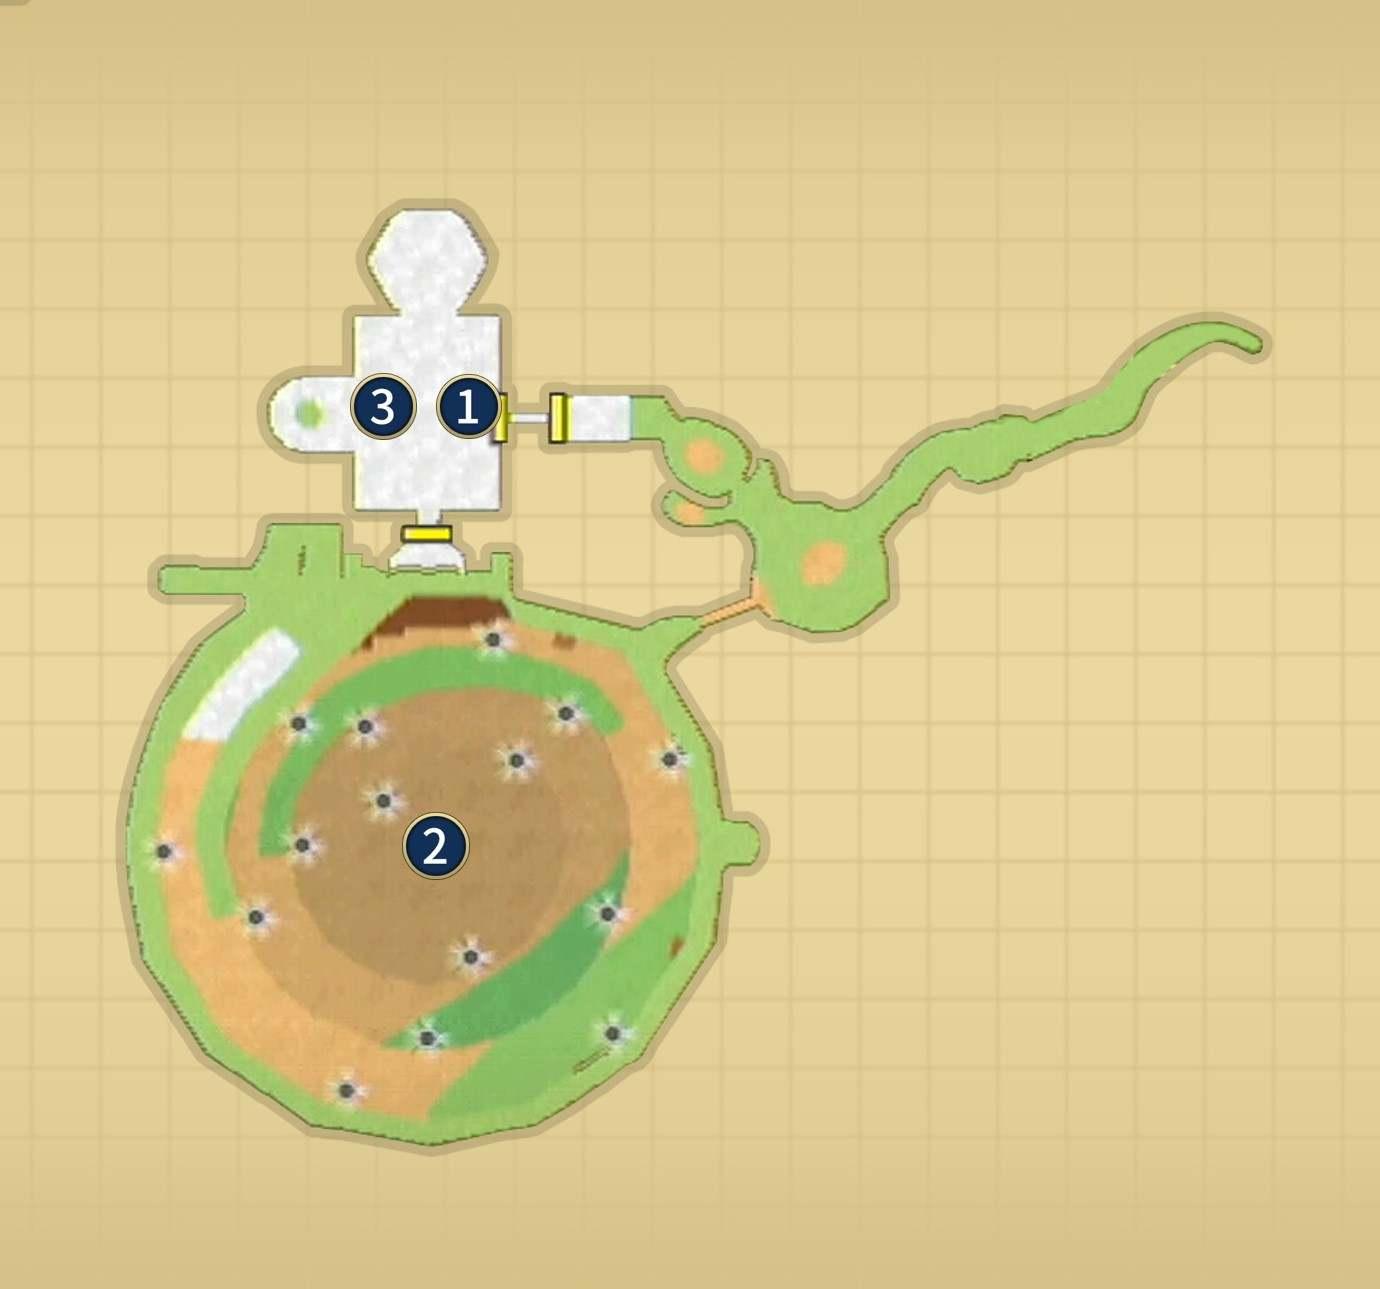 封印の地マップ